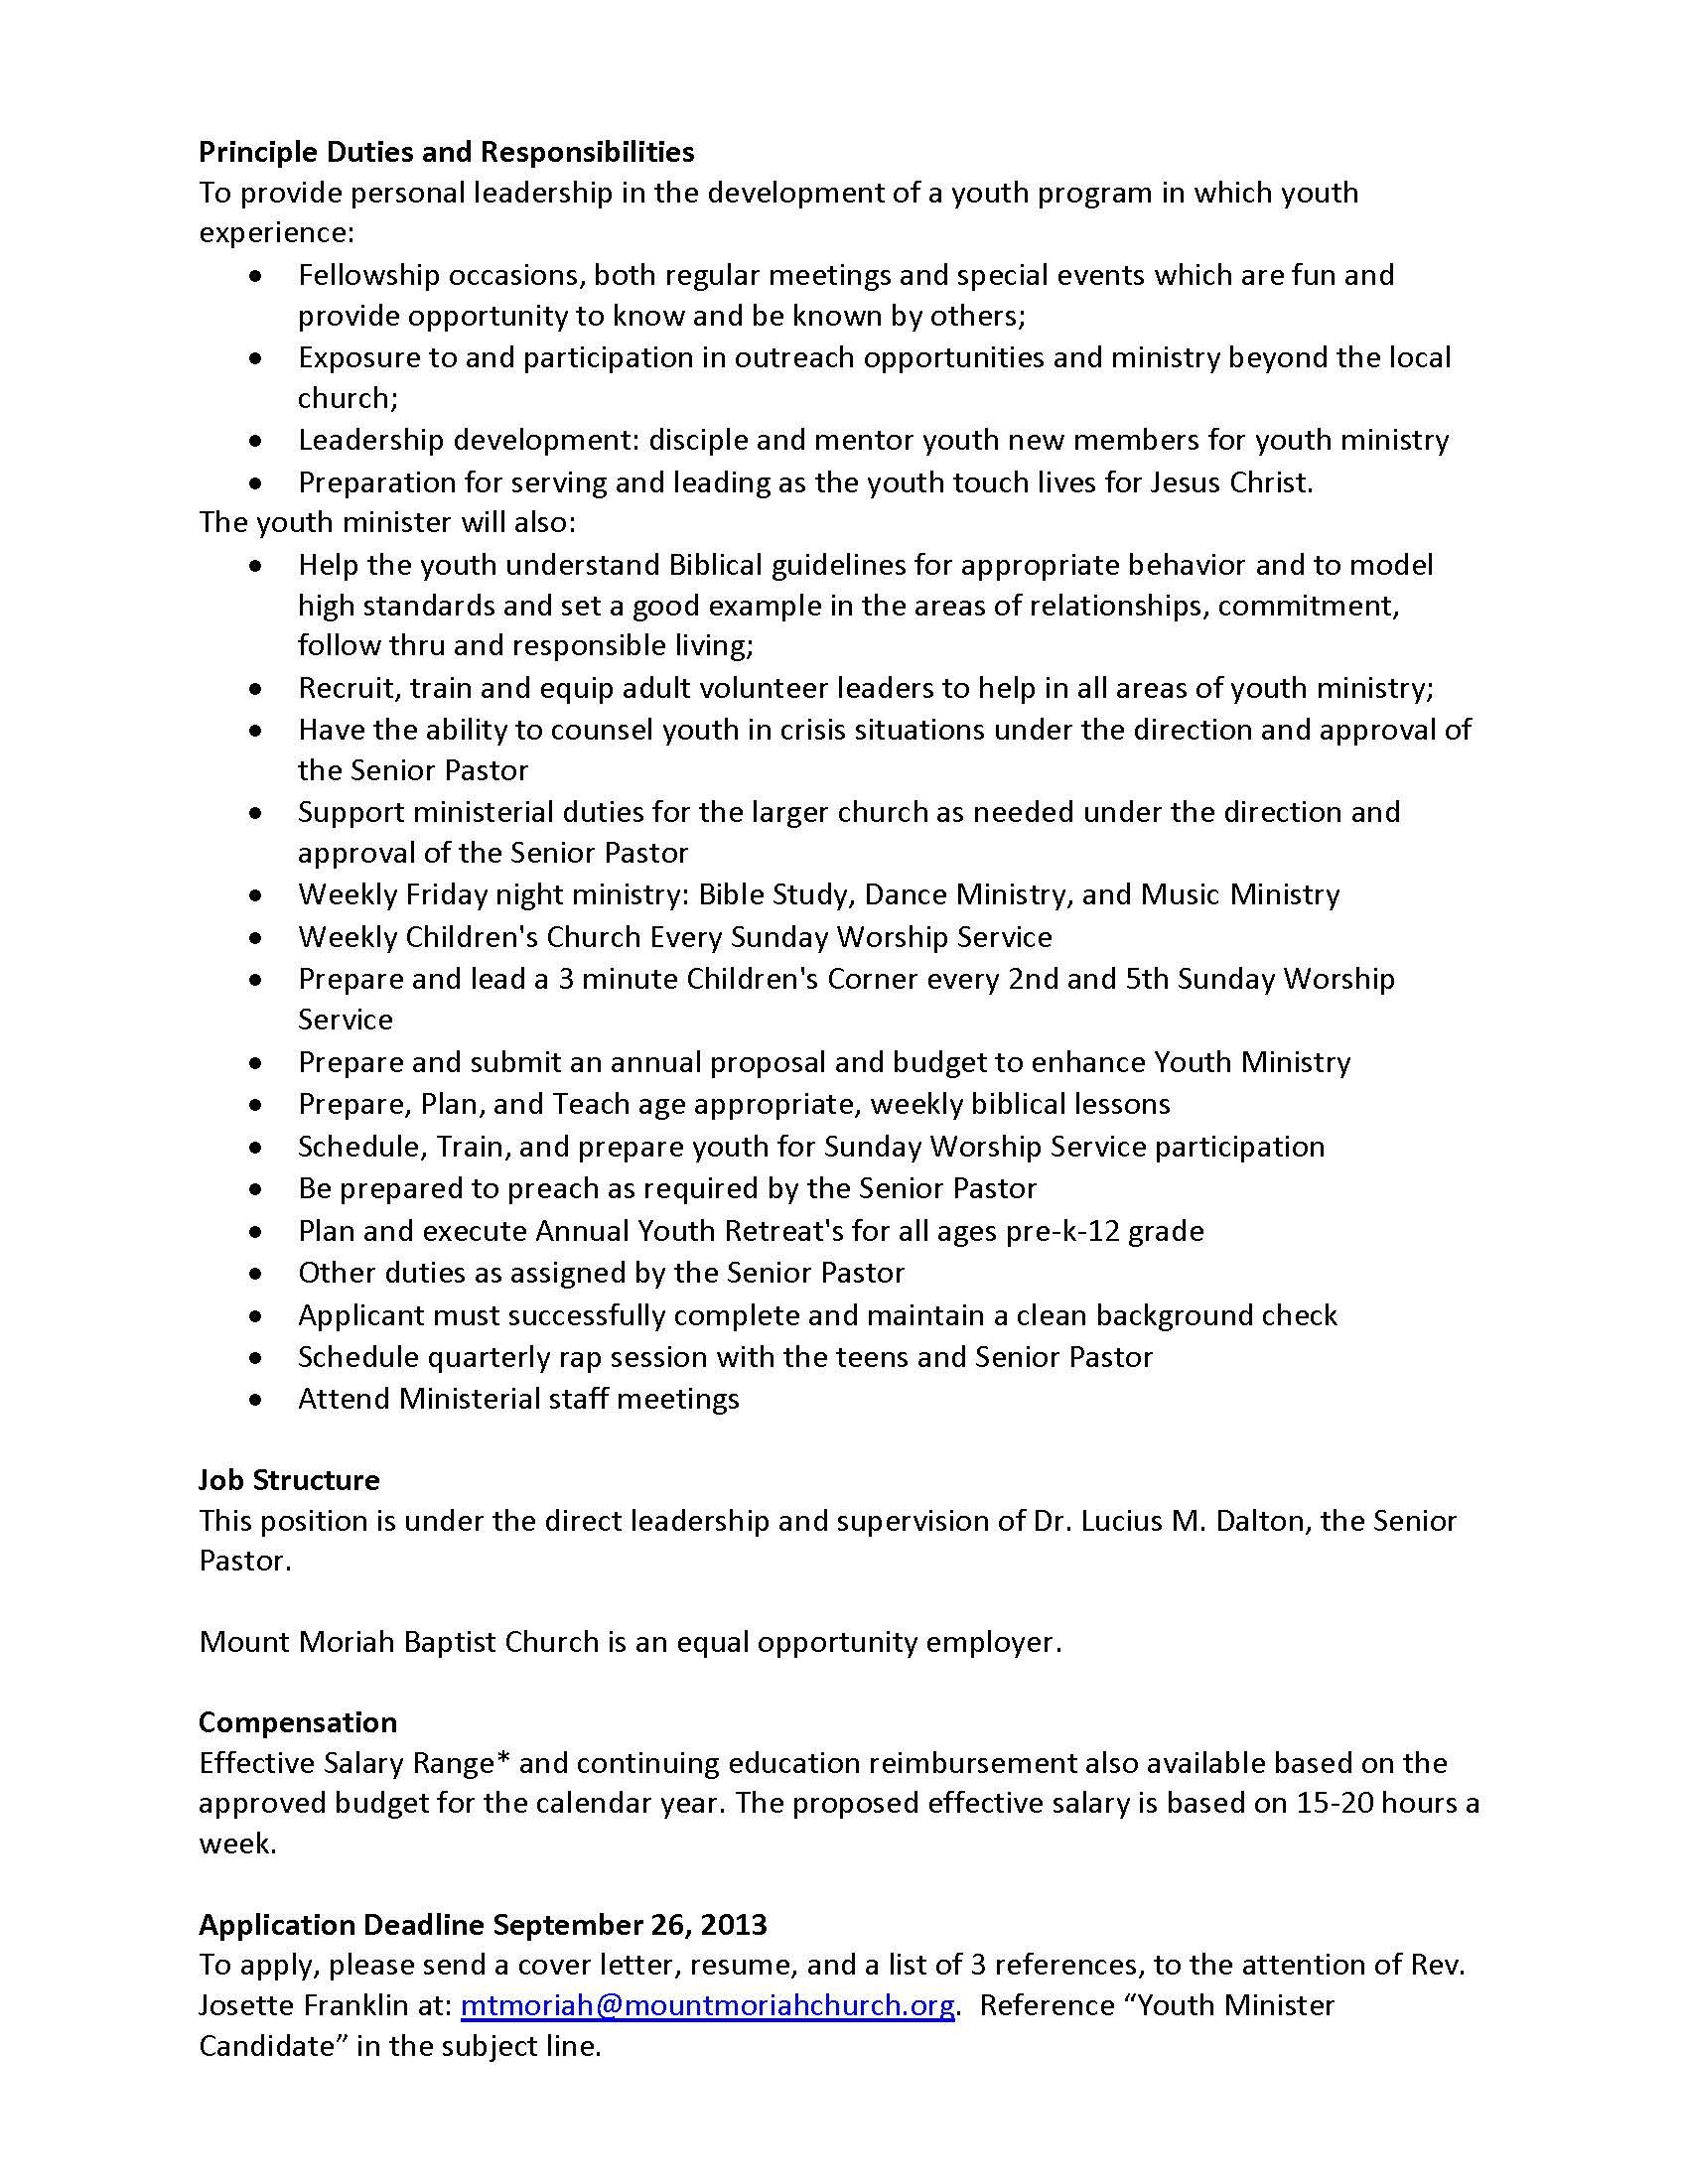 sample leadership resume worship leader resumes contemporary worship leader sample resume pastor cover letter resume cv cover letter